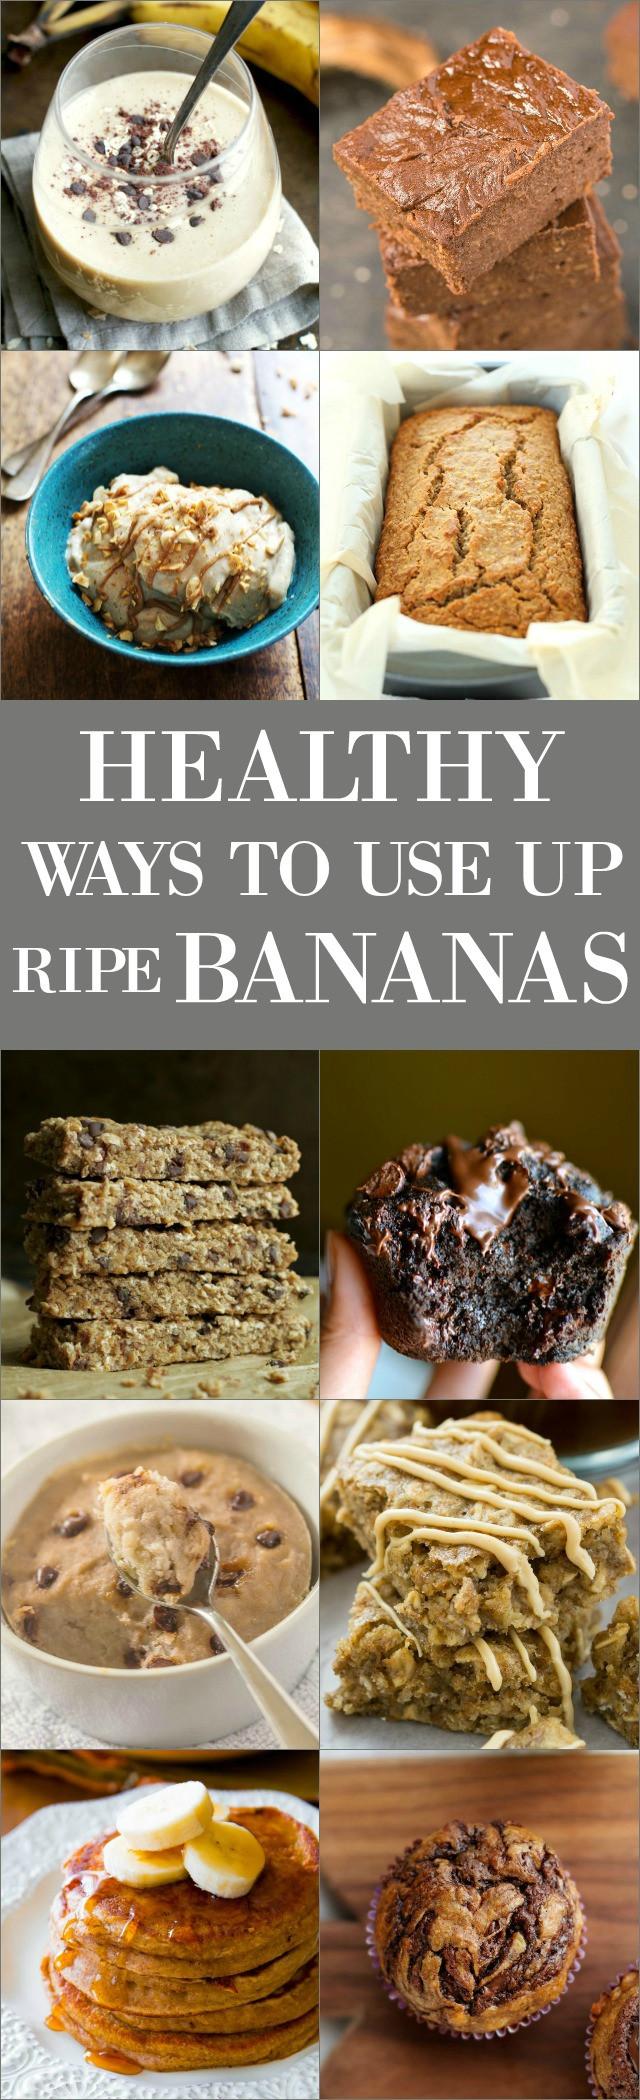 Ripe Banana Recipes Healthy  15 Healthy Ways to Use Up Those Ripe Bananas